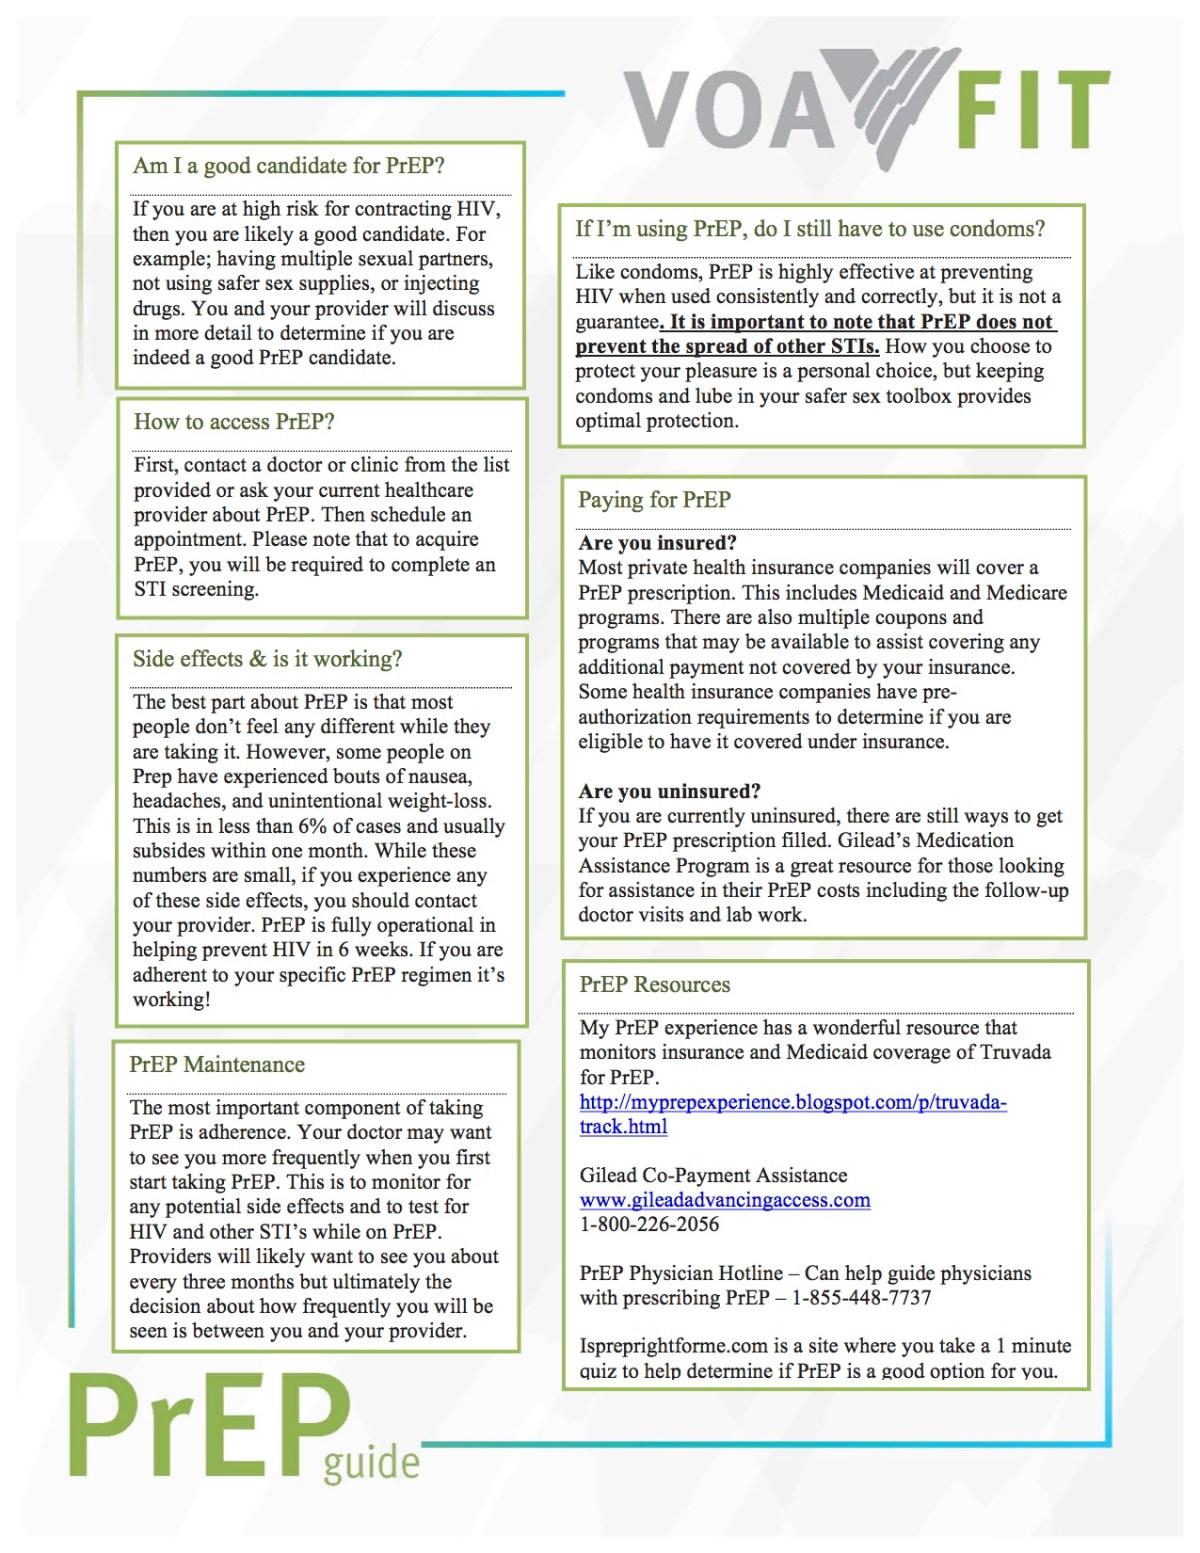 VOA PrEP Guide 2.jpg